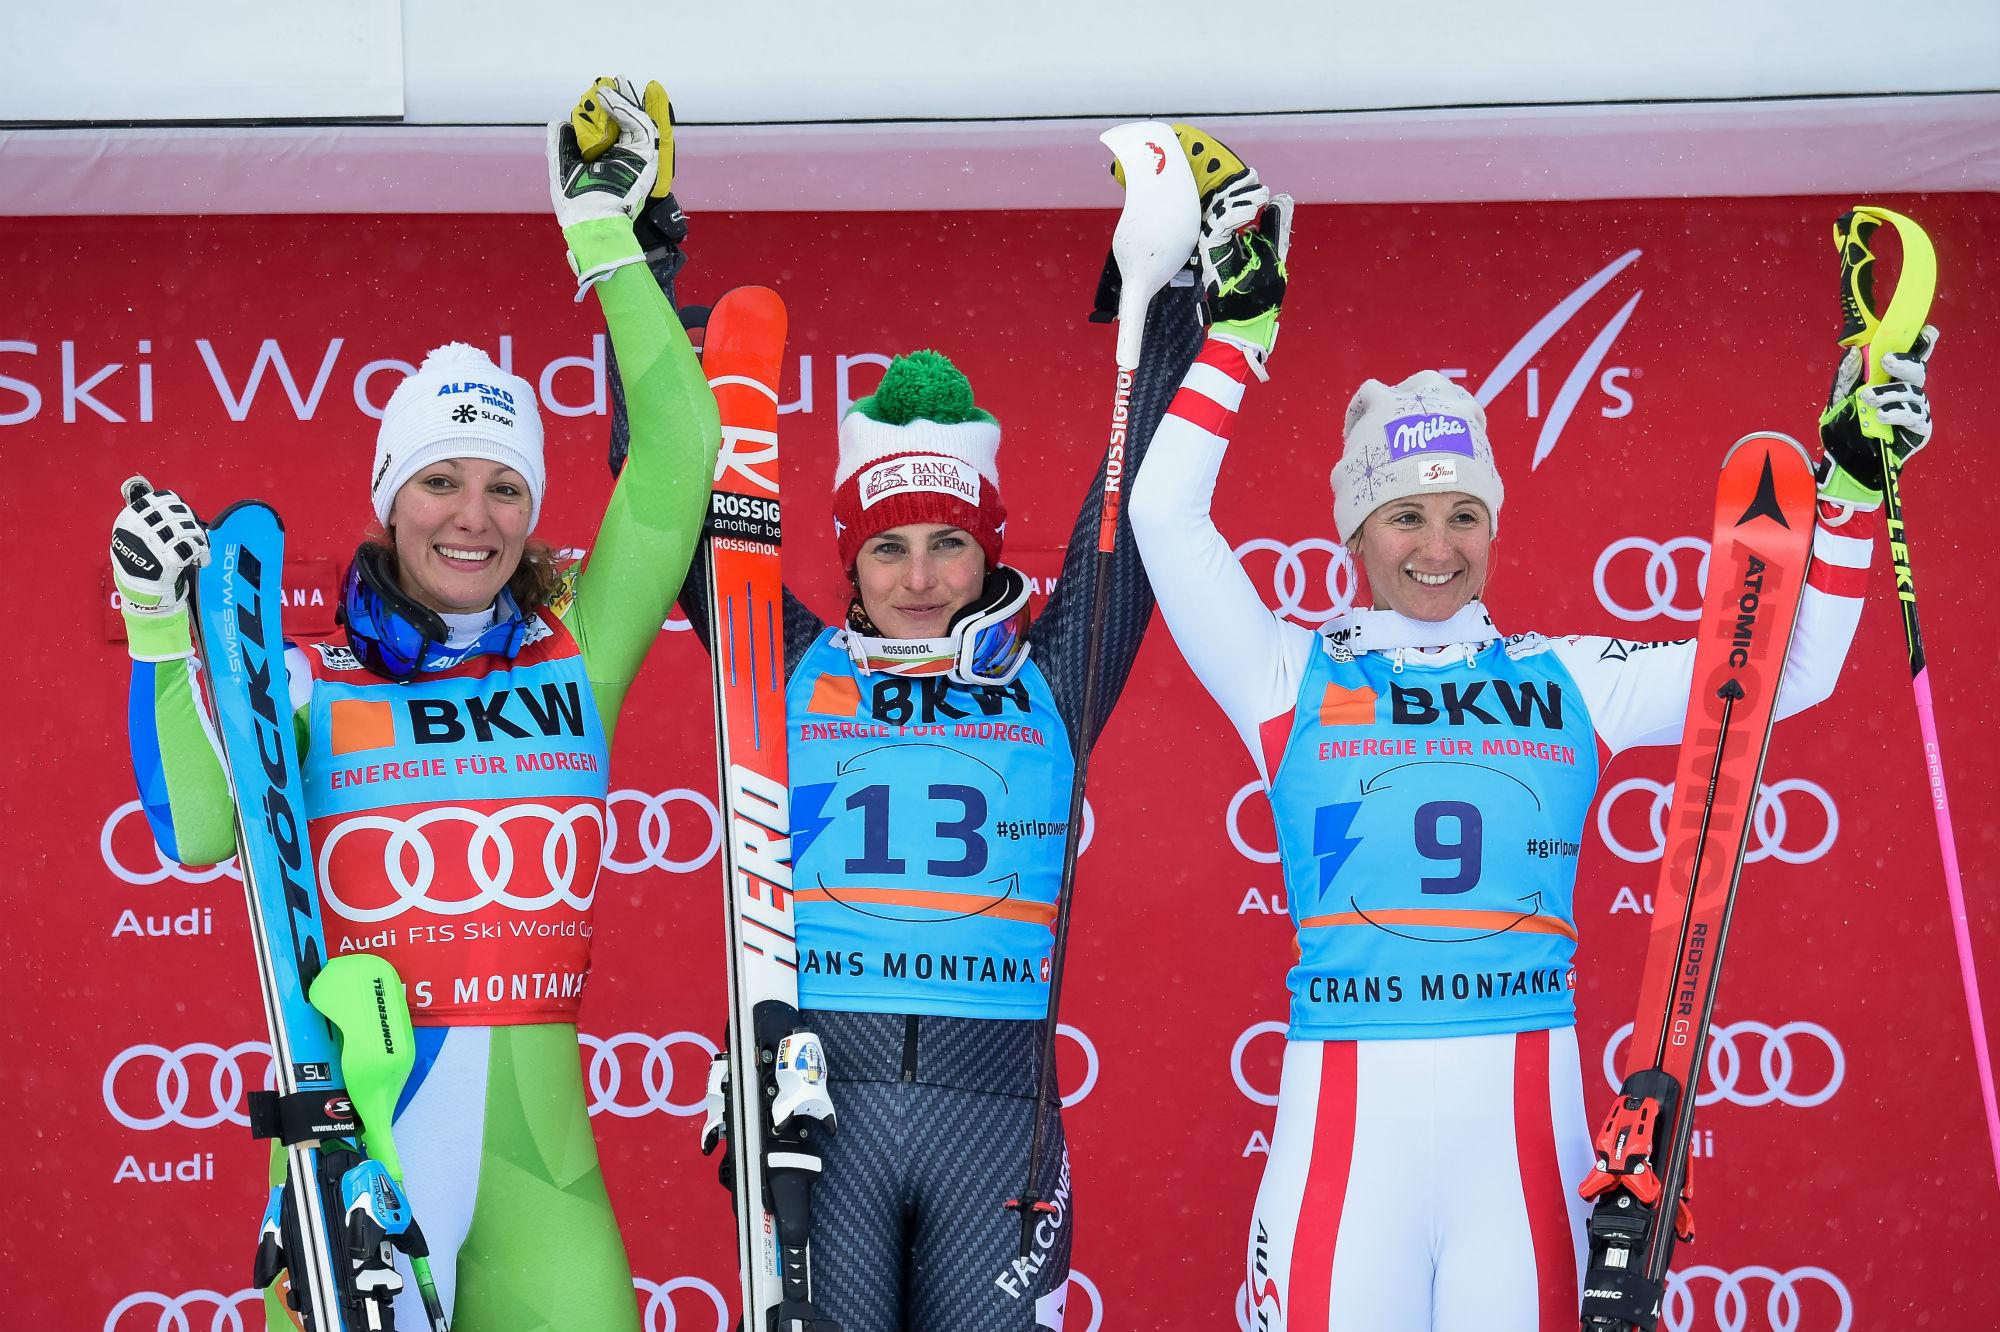 Il podio della combinata alpina a Crans Montana: da sinistra, Ilka Stuhec, seconda; Federica Brignone, prima; Michaela Kirchgasser, terza (@Zoom agence)